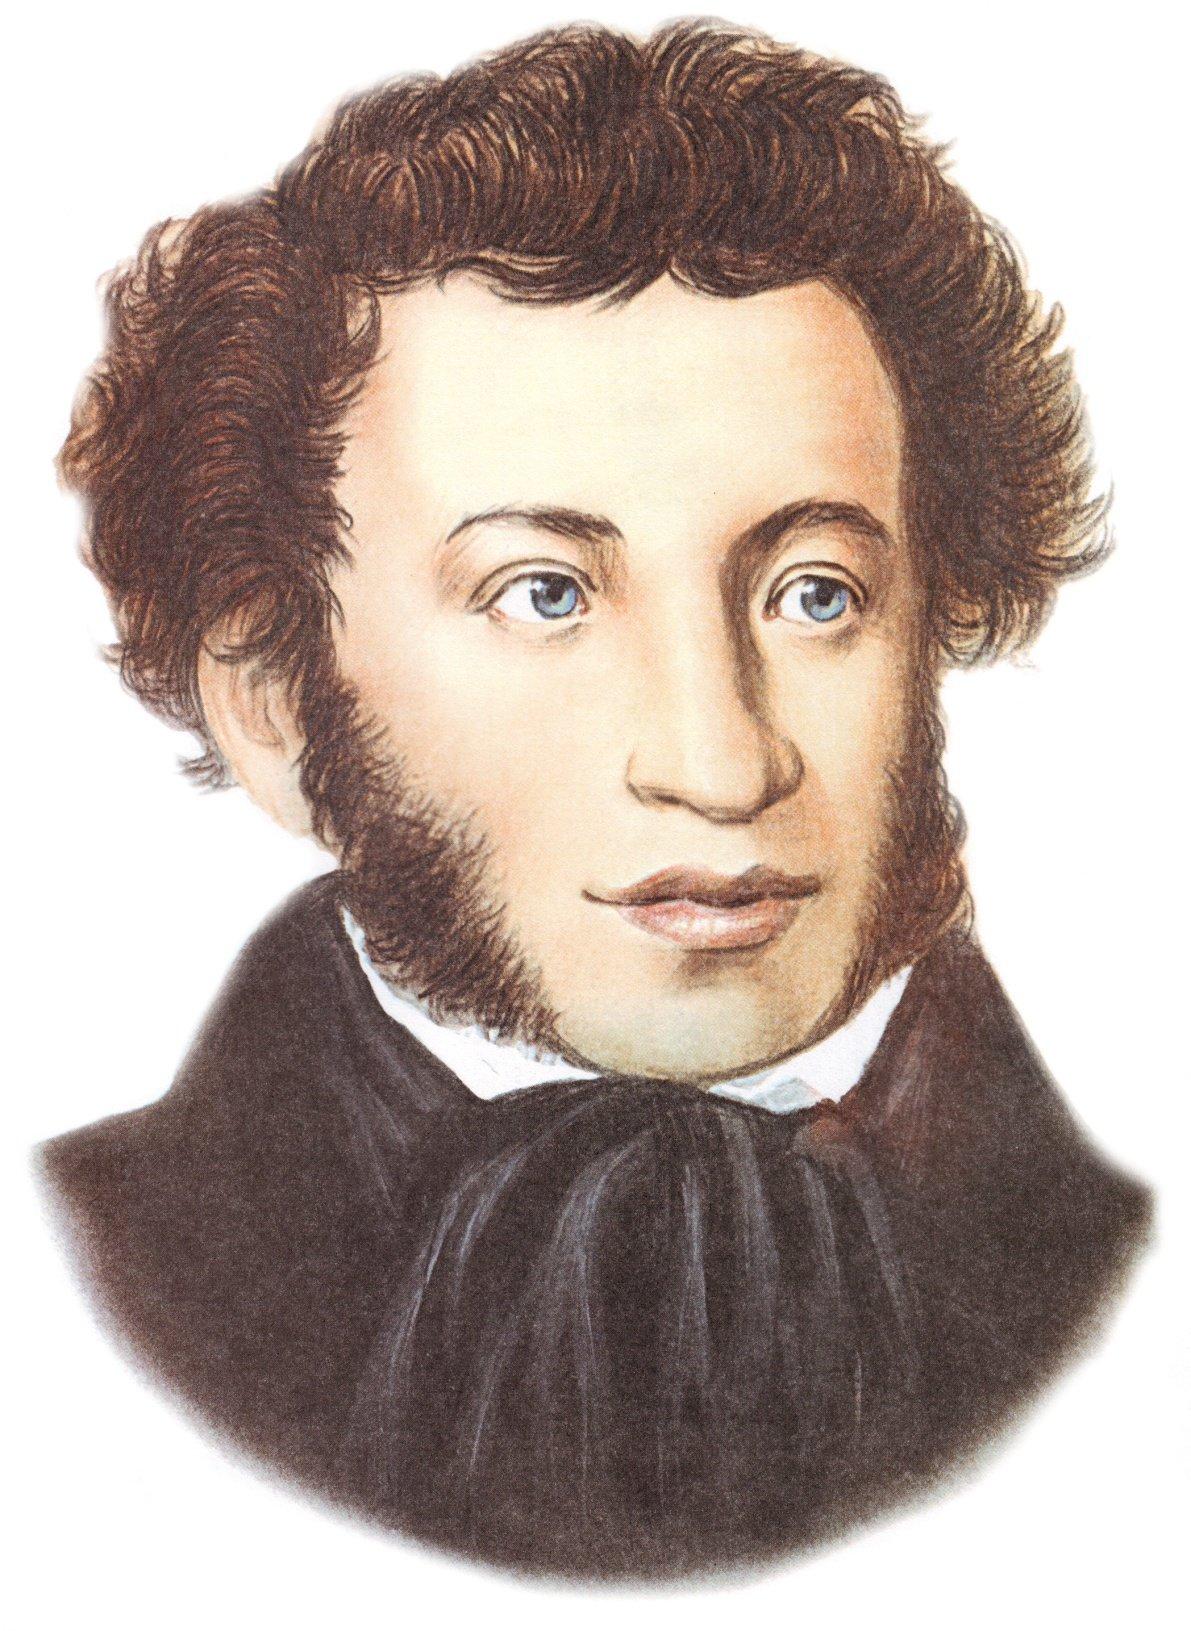 Пушкин картинки и фото могу